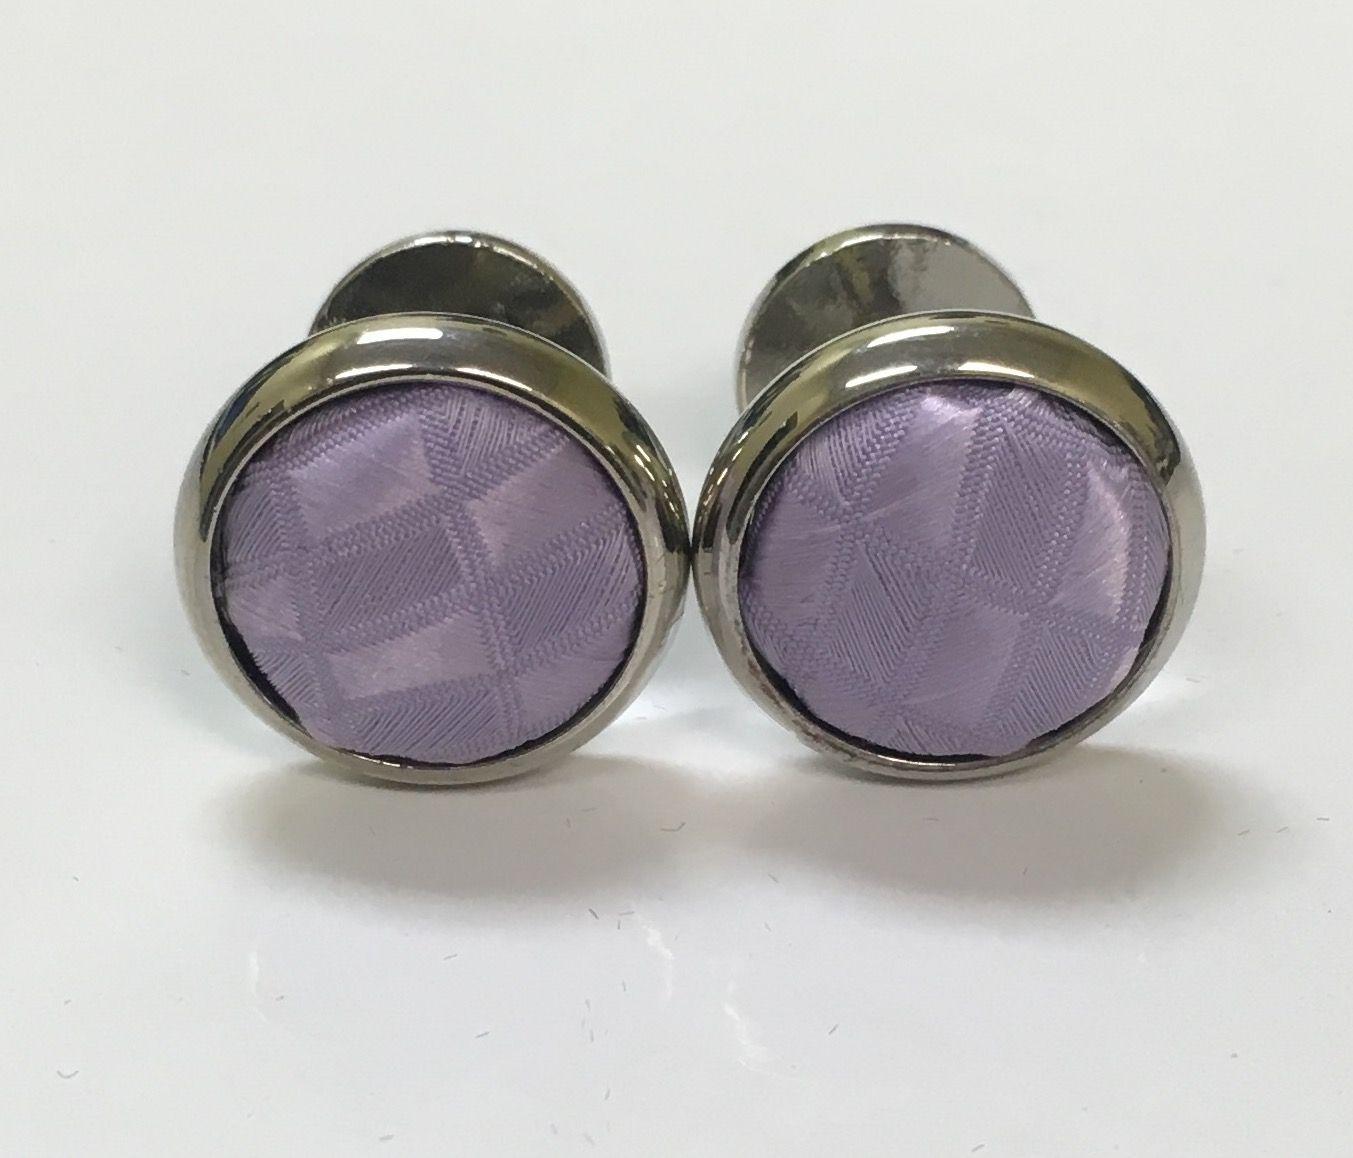 2 Pc. Exquisite Fabric Cufflinks - Lavender